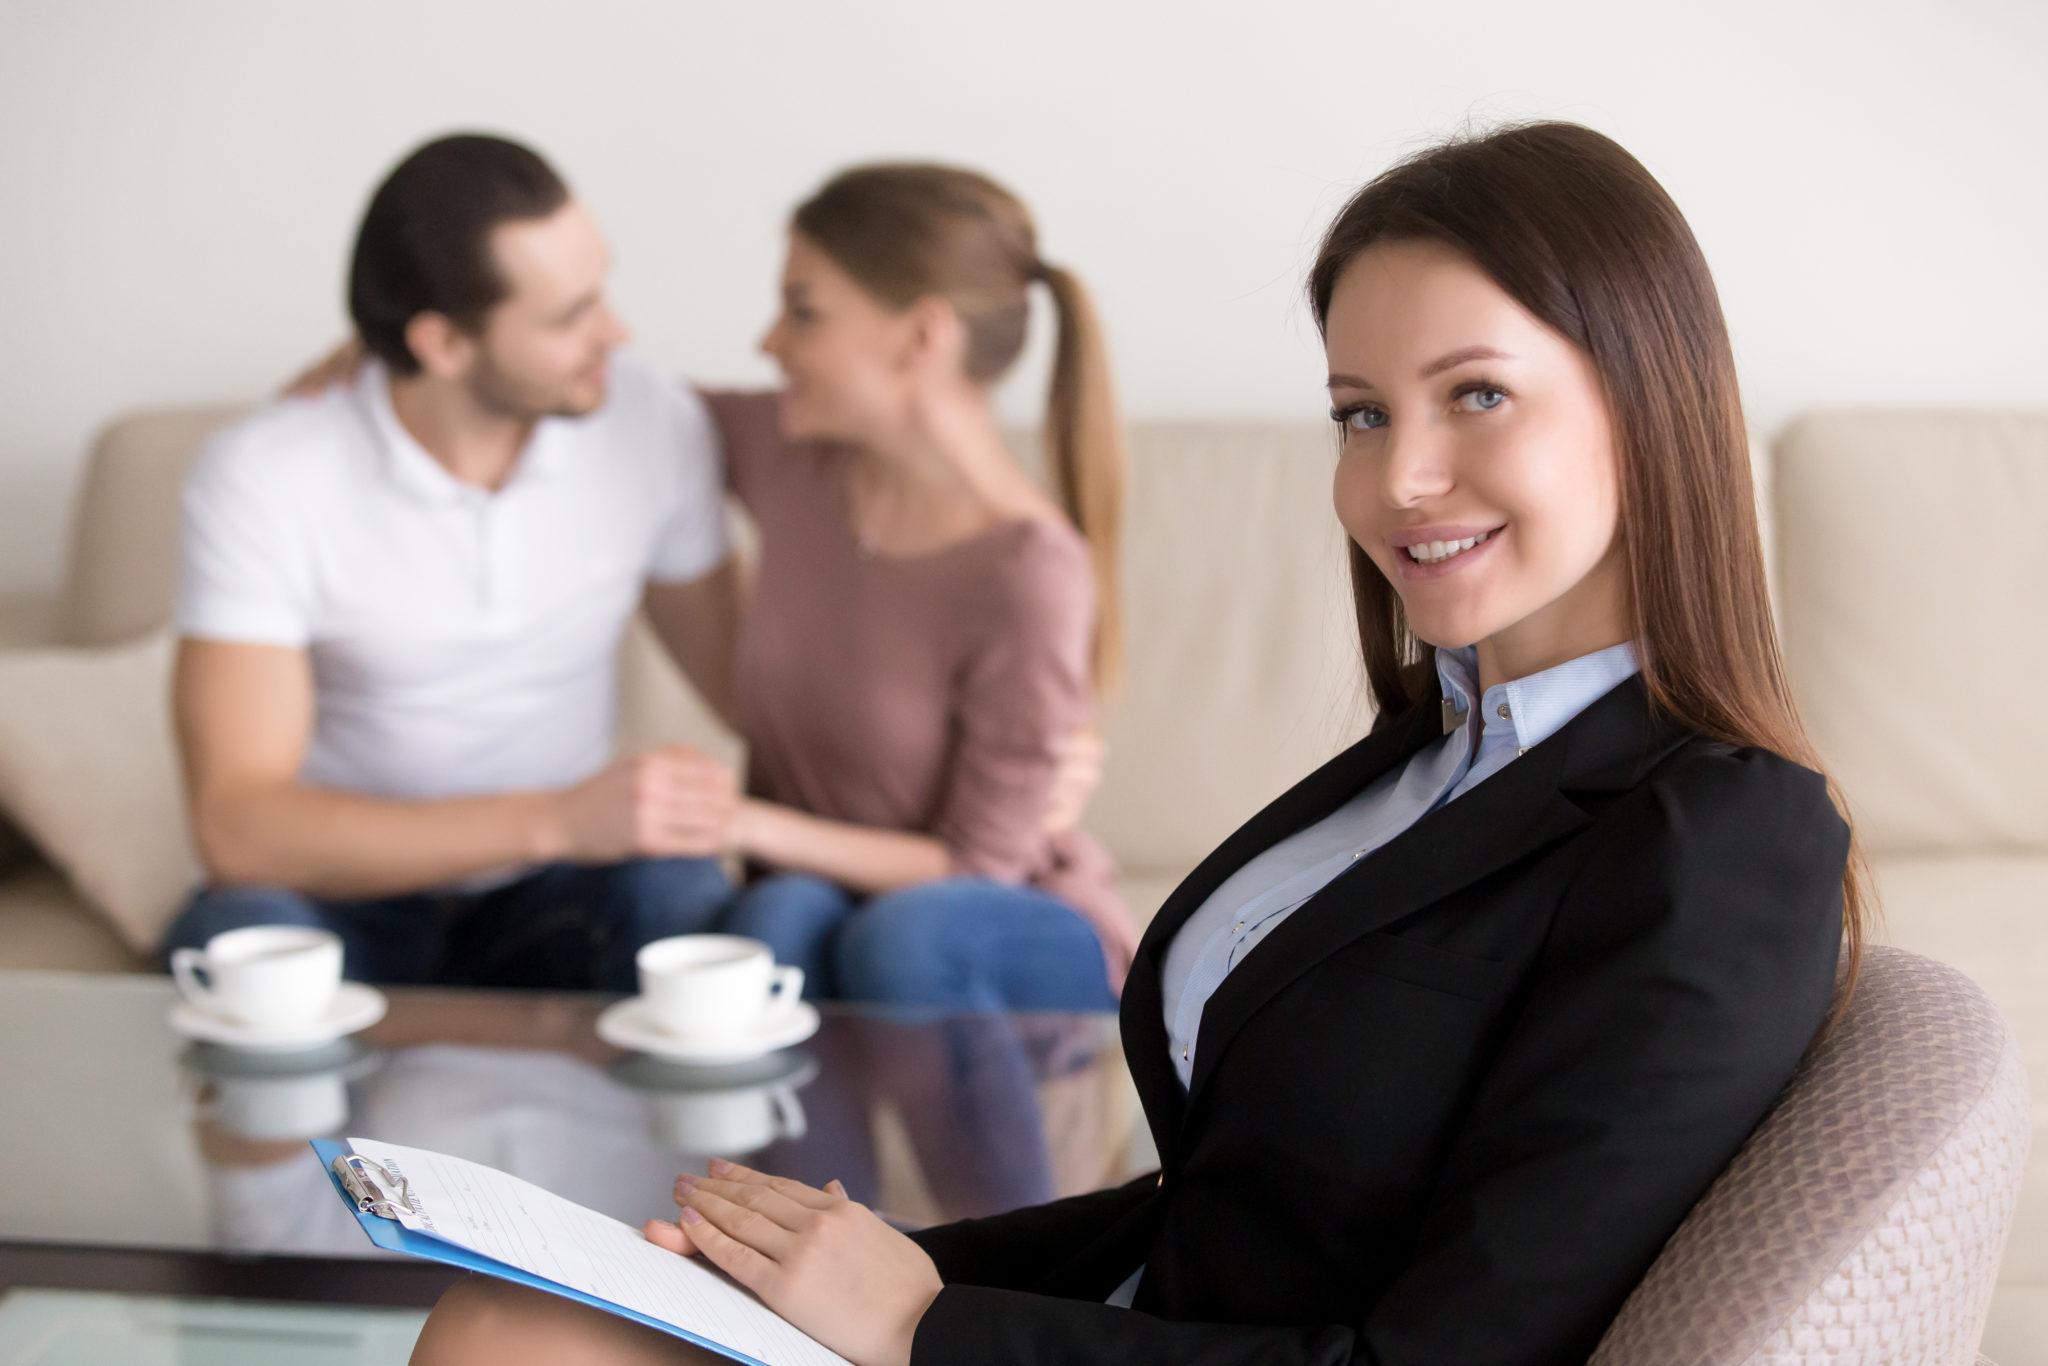 結婚相談所を比較!20代・30代・40代が気にすべきポイント&ブログで話題の結婚相談所も紹介!